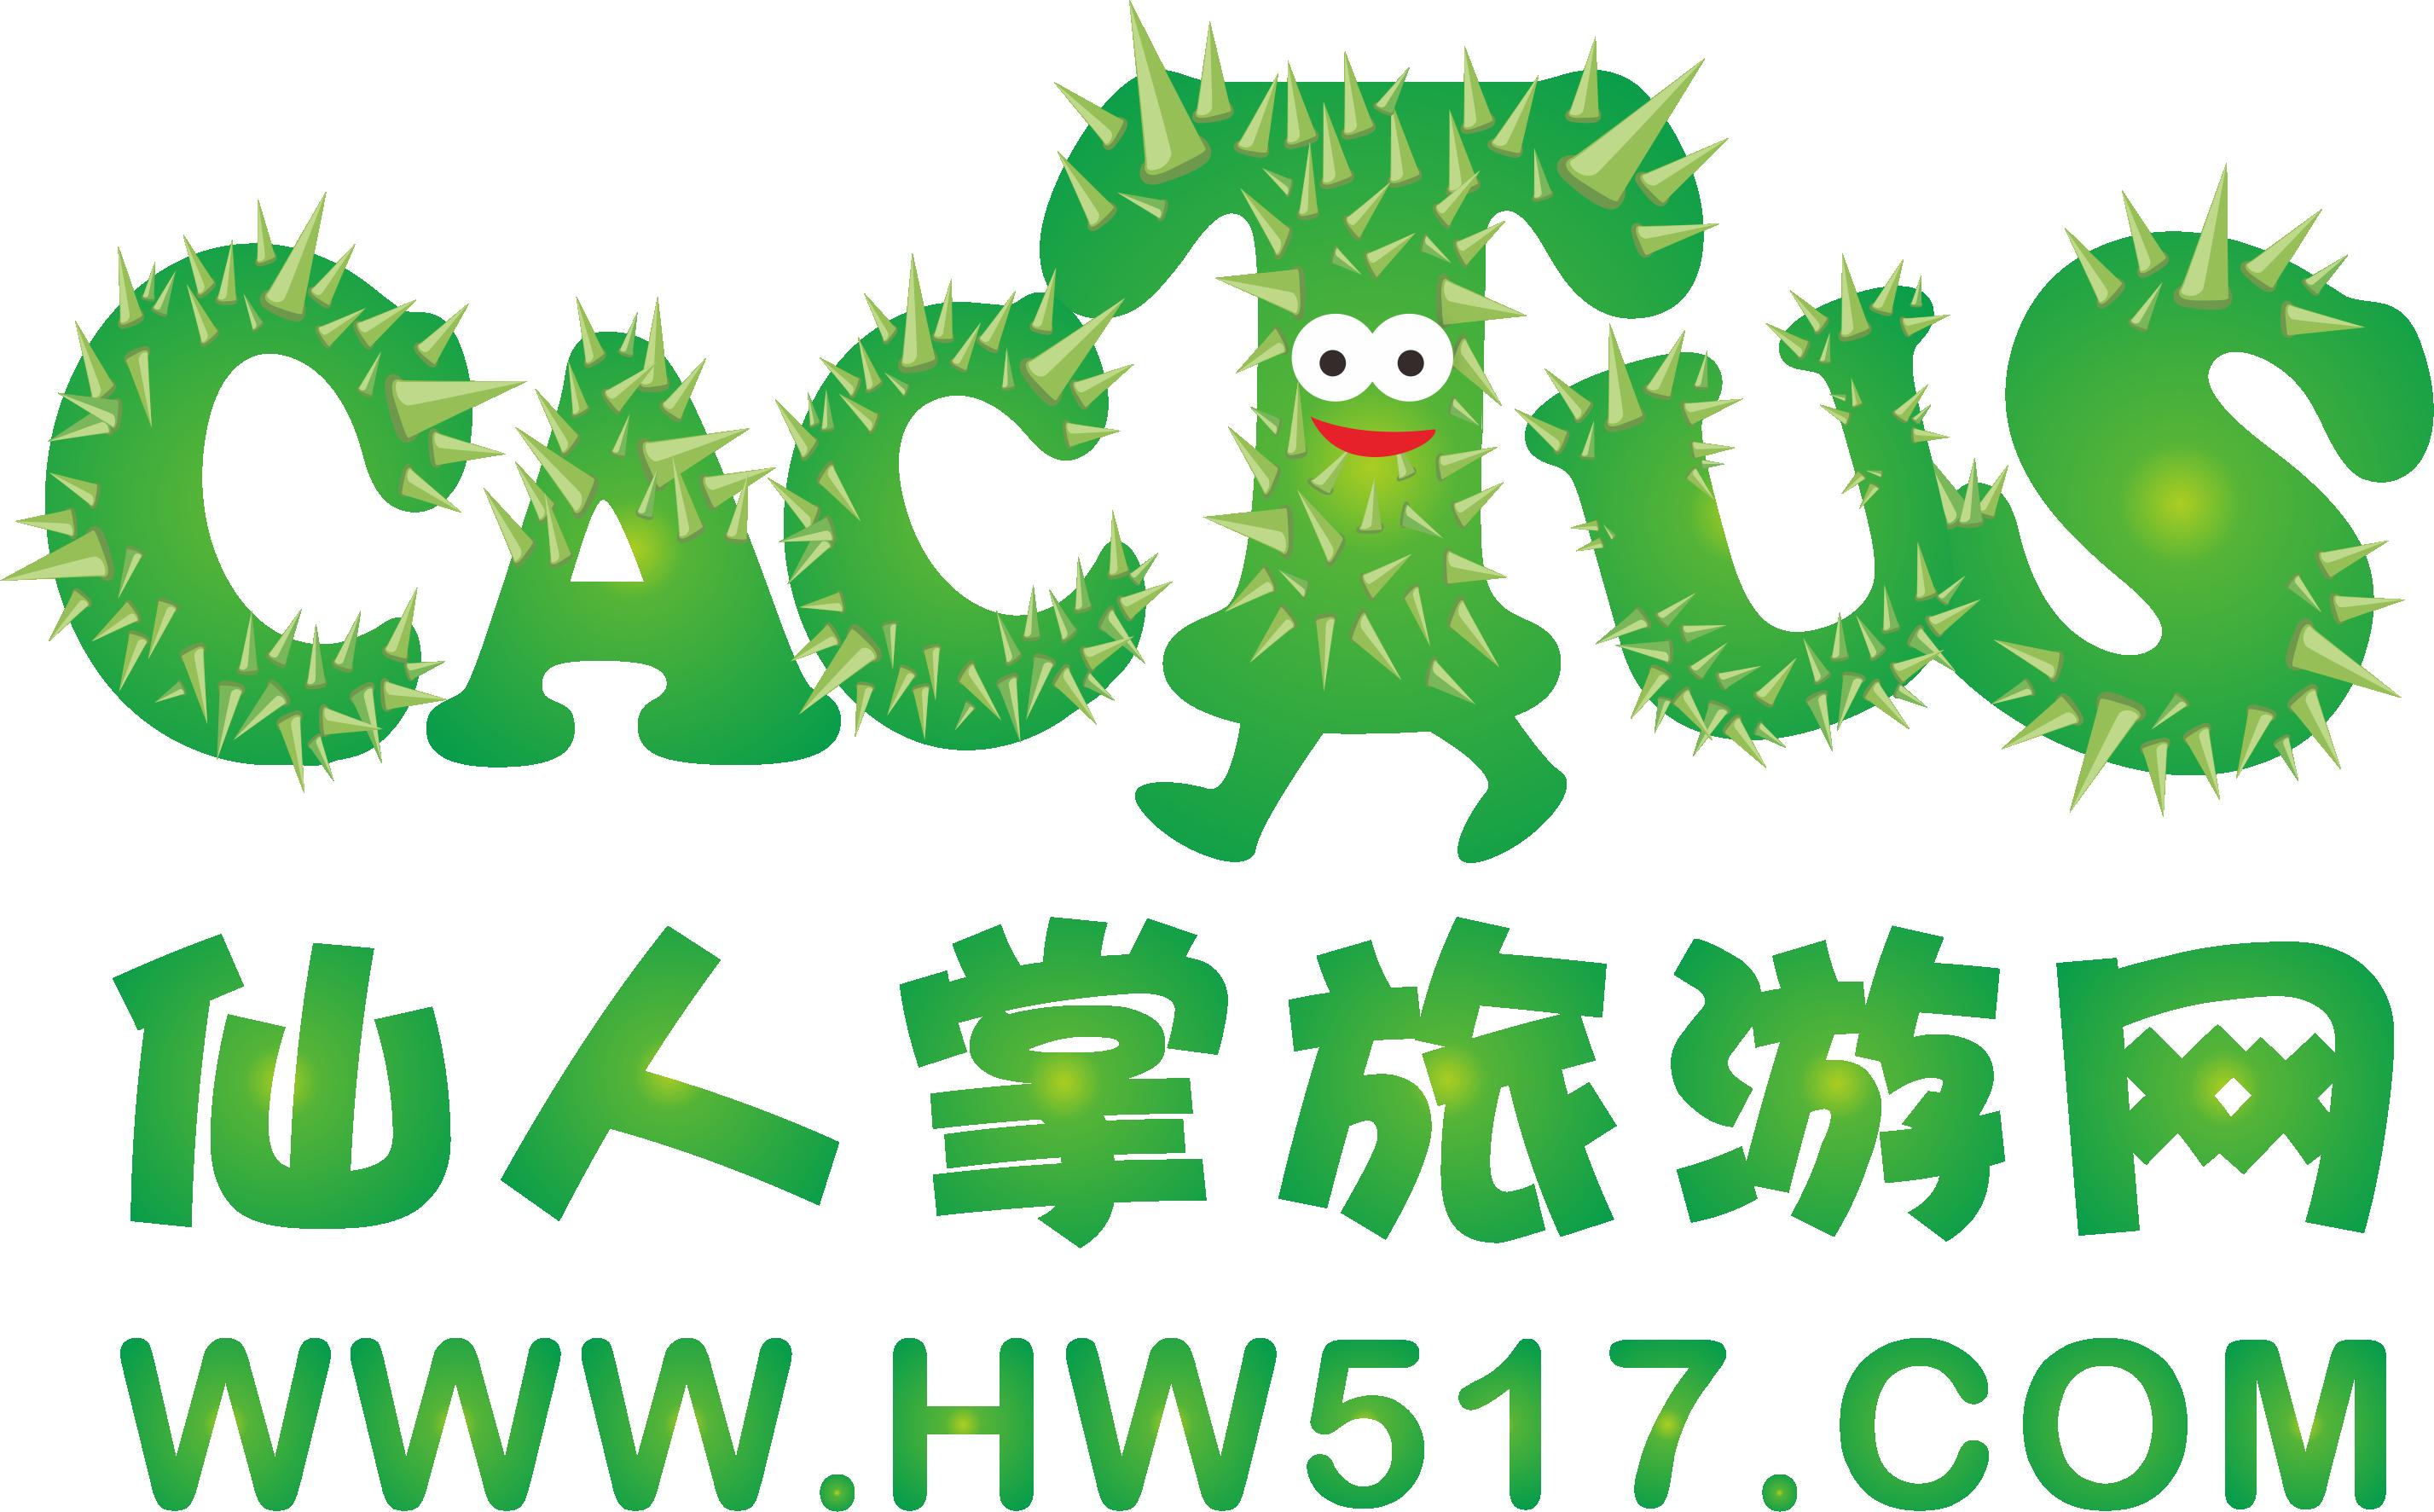 【新春·悠品】云南昆明、大理洱海、玉龙雪山双飞六日